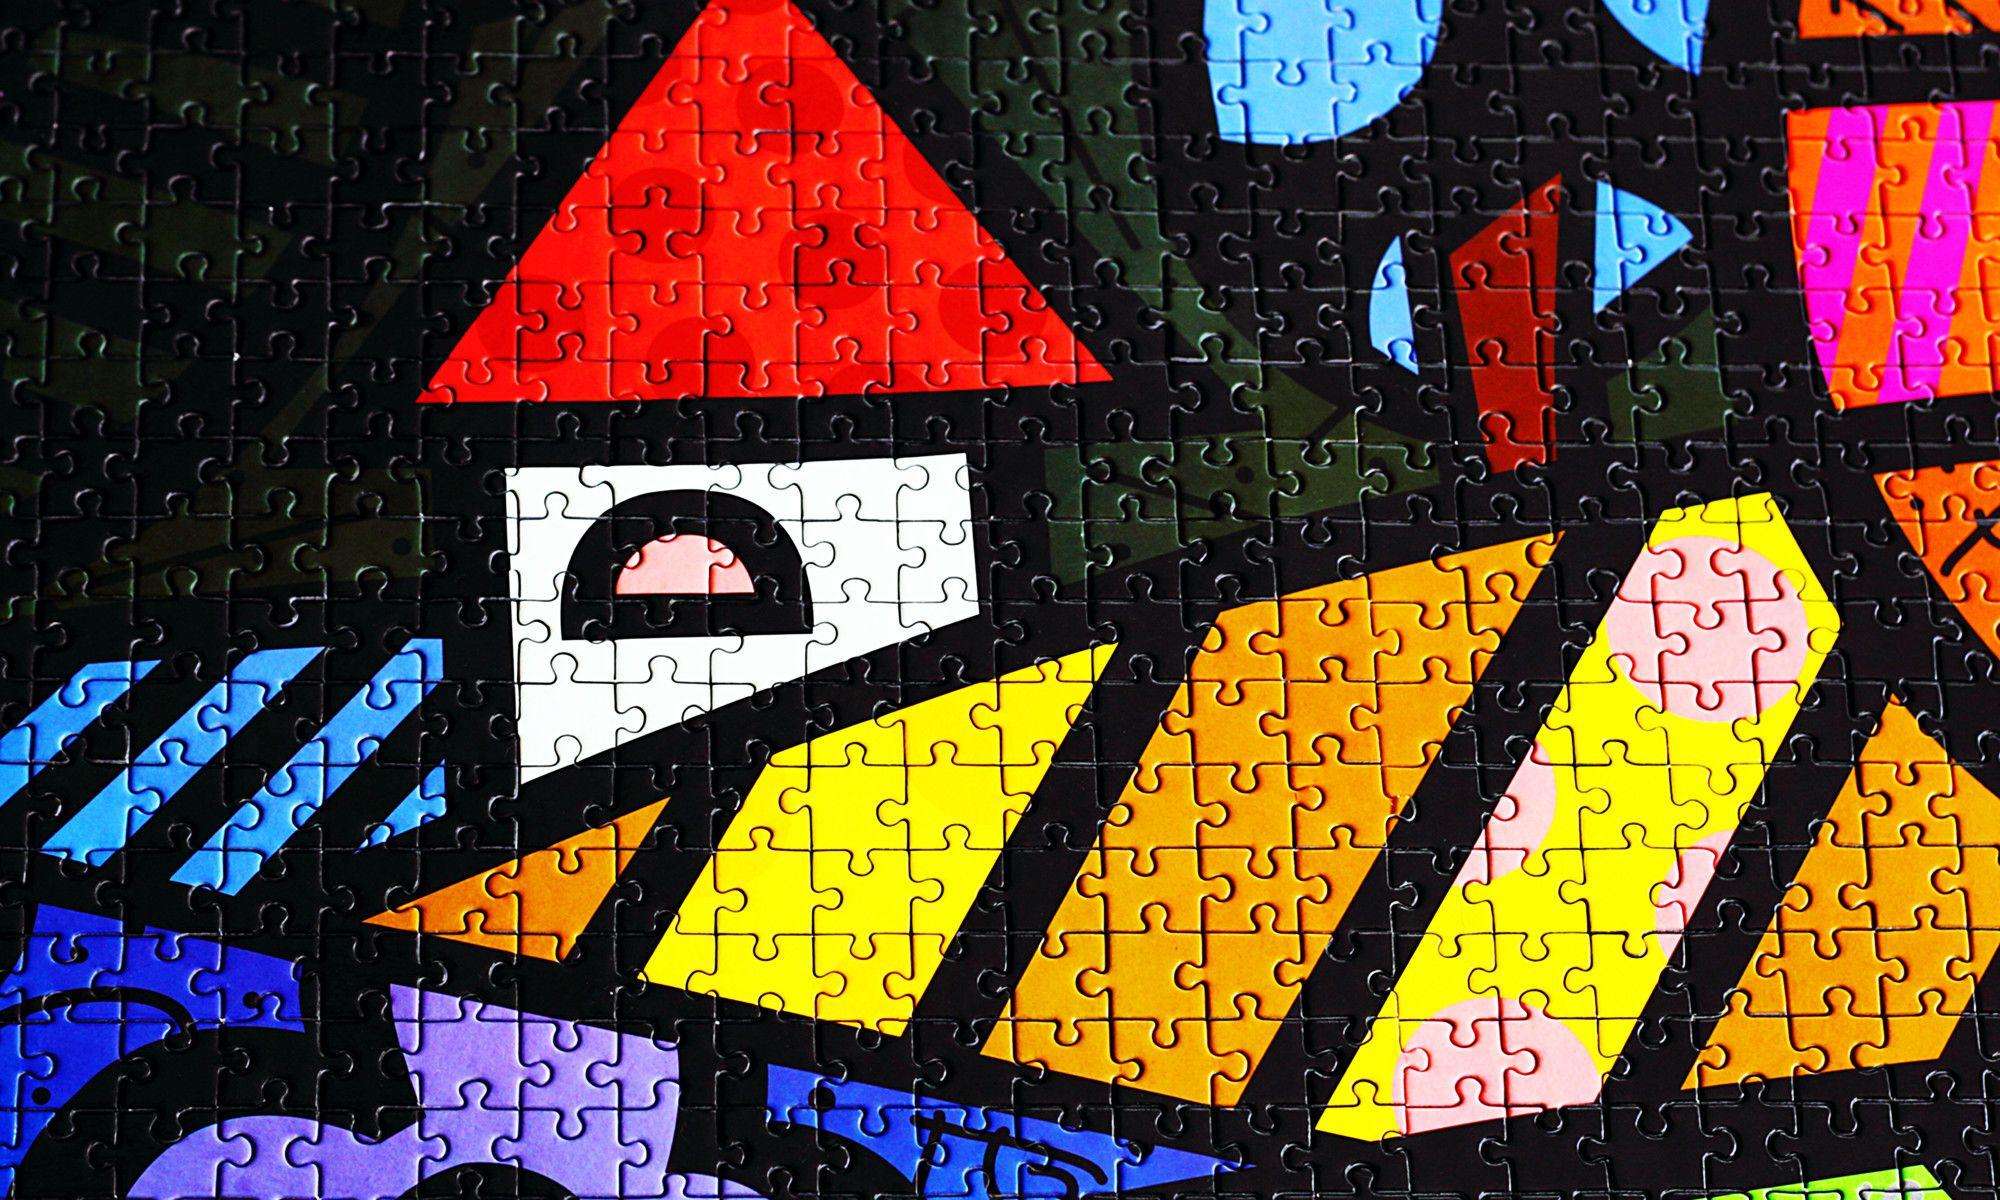 Romero Britto's puzzle